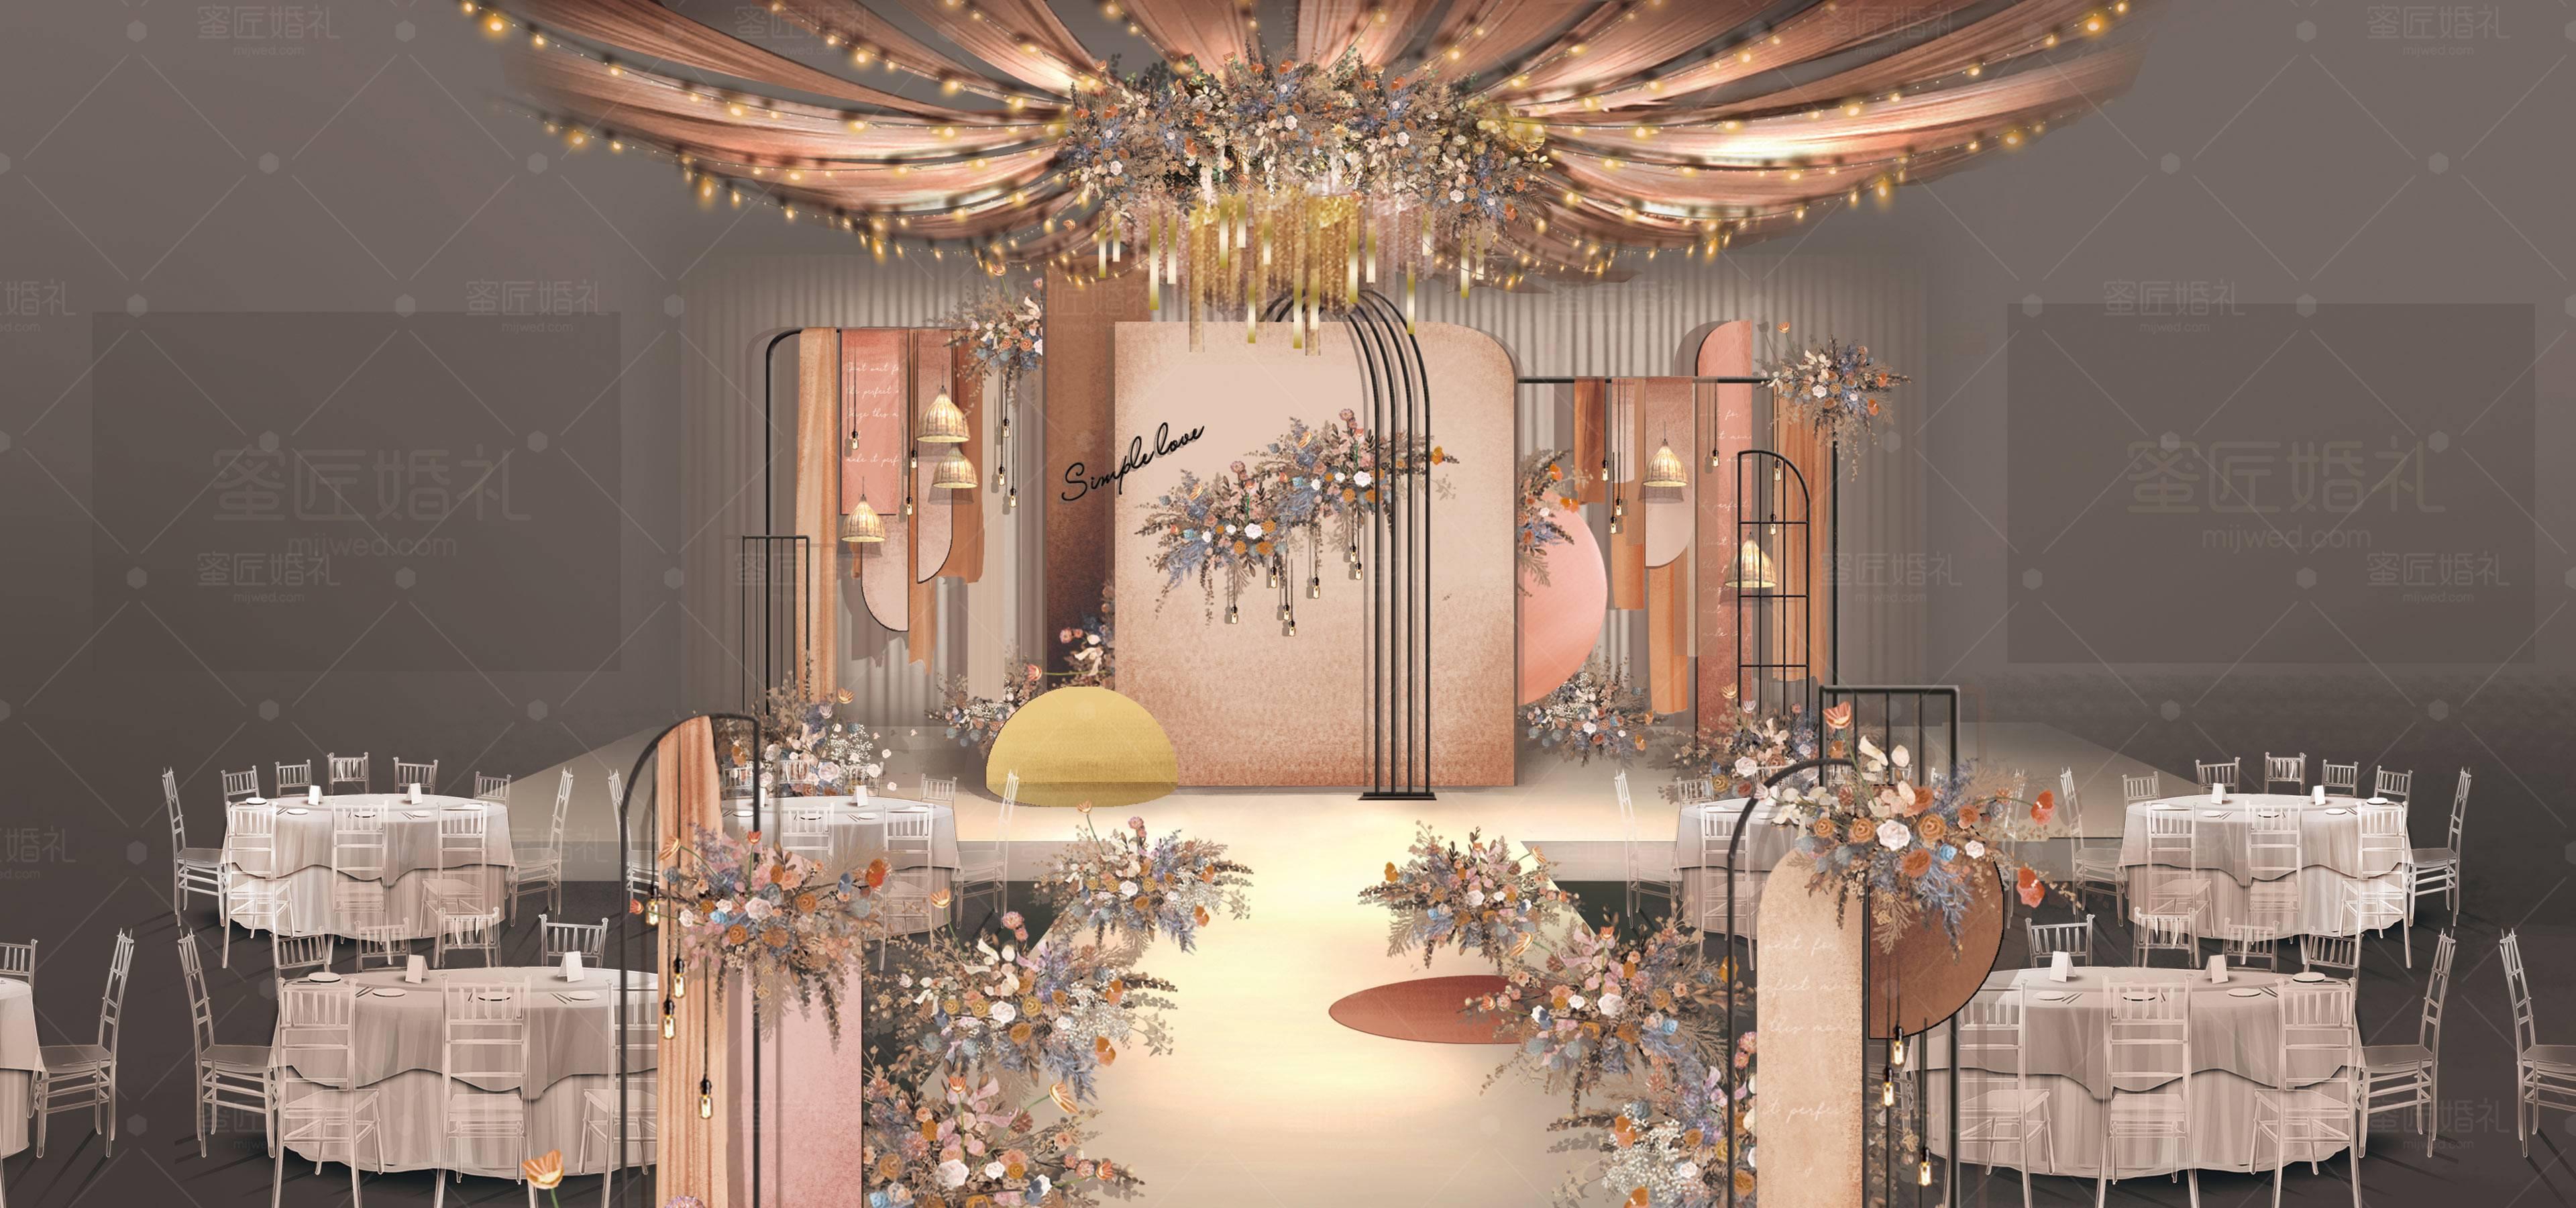 重庆市婚礼策划方案:简单爱1